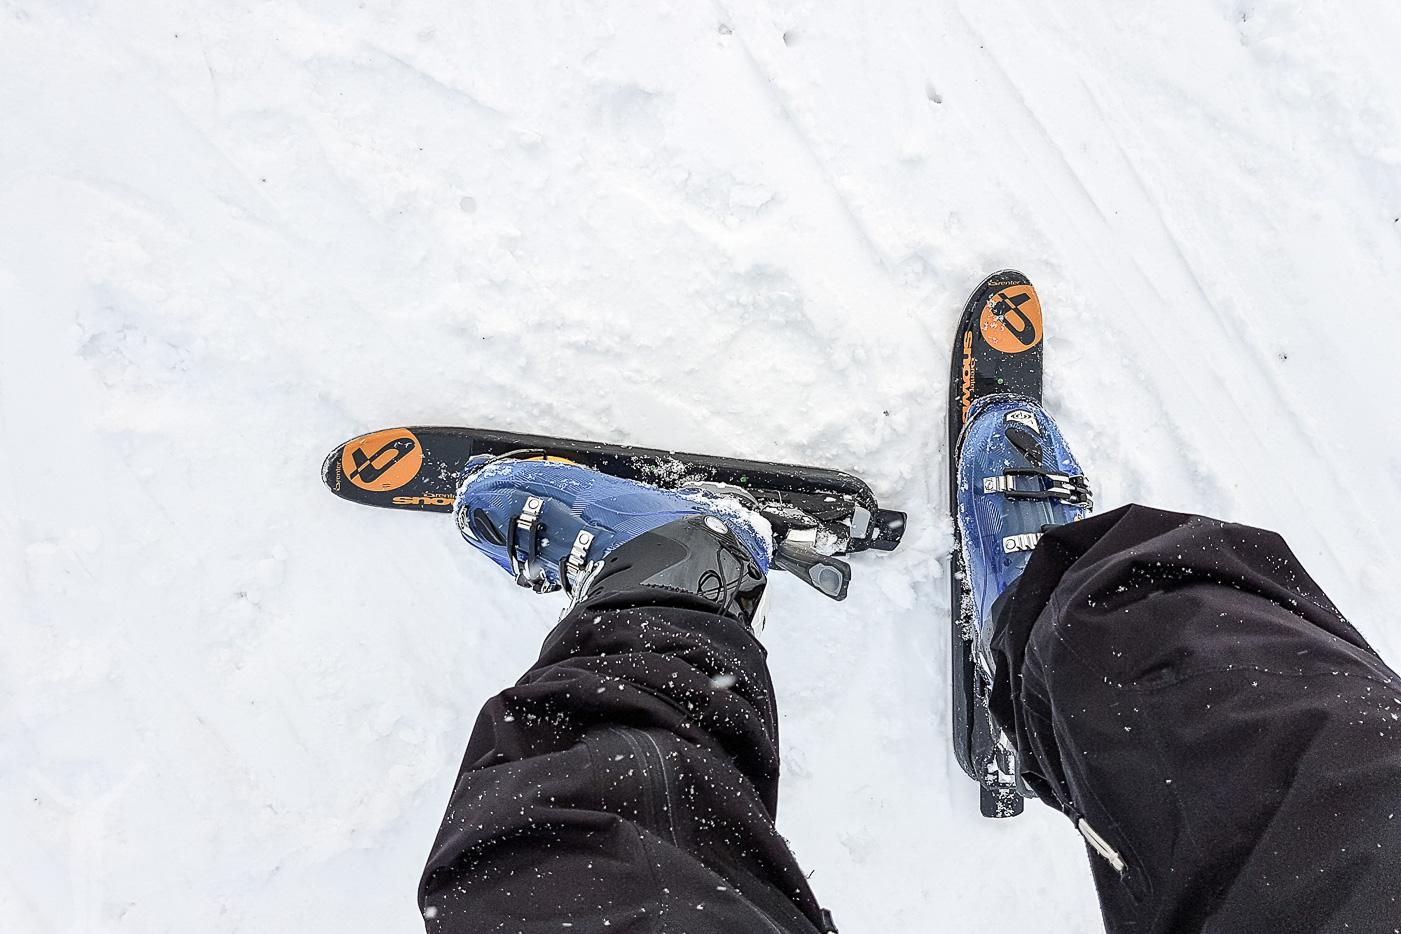 Skidor för snobike